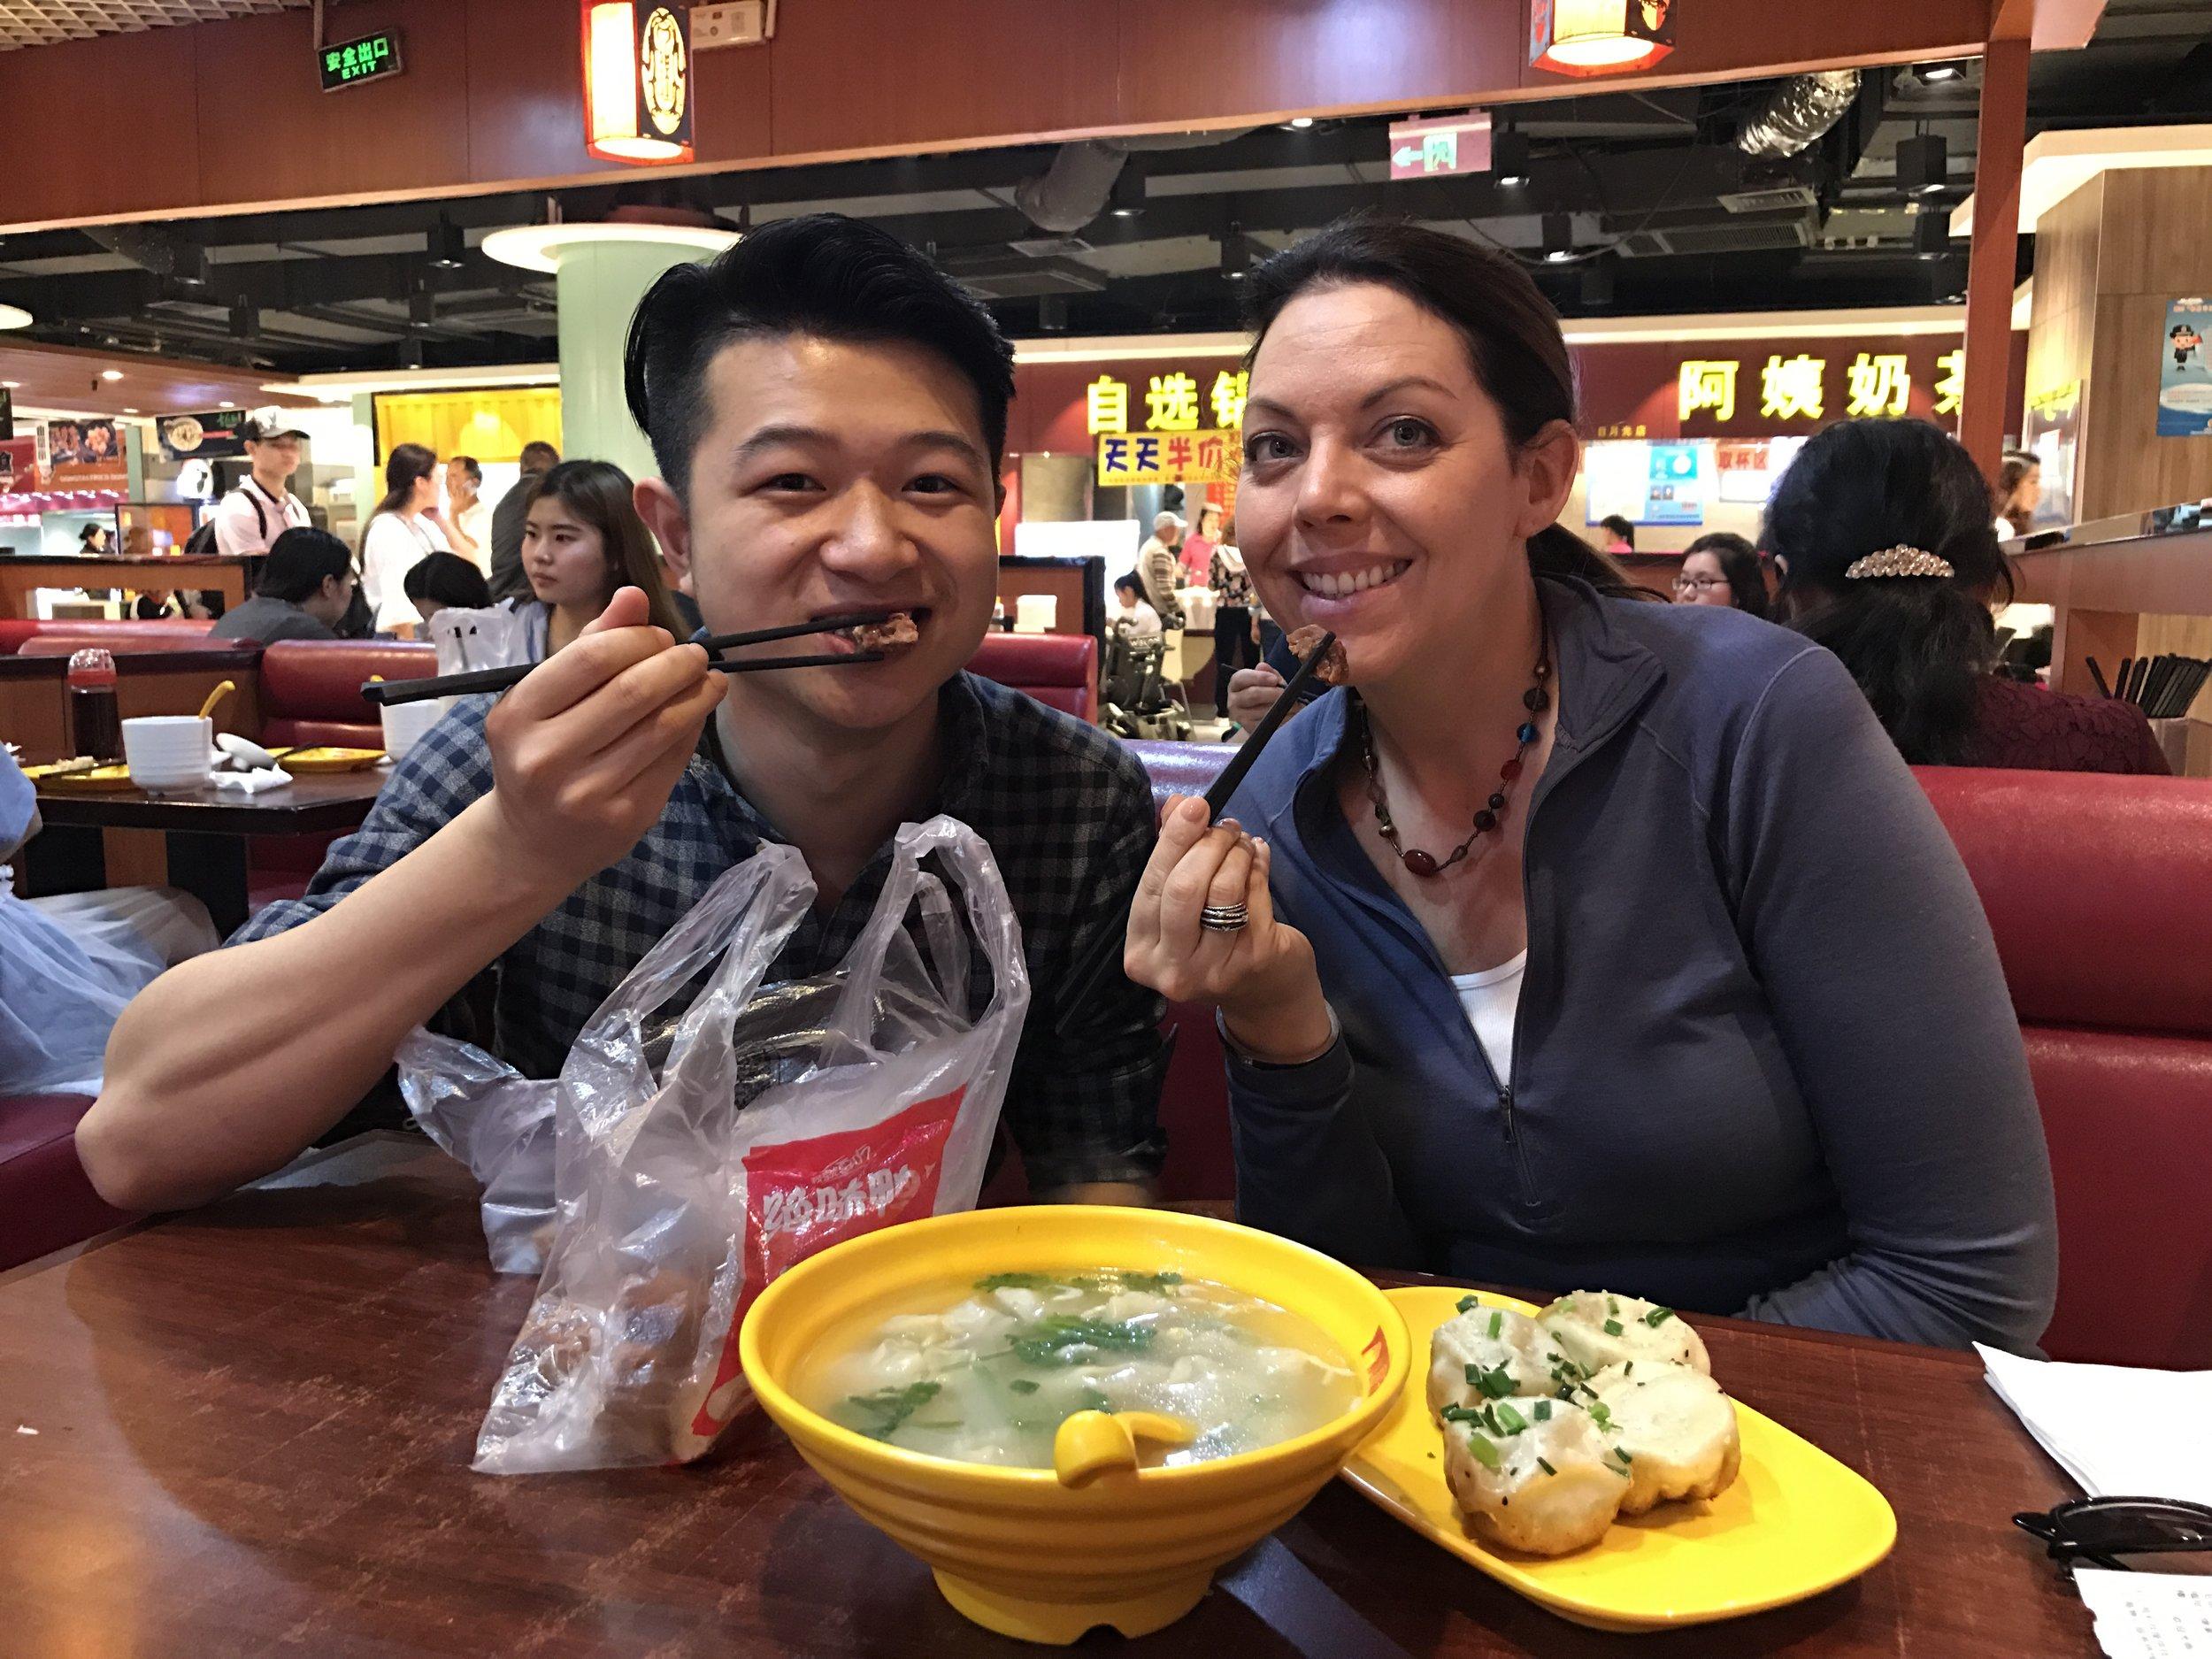 Yang's fried soup dumplings (sheng jian bao)